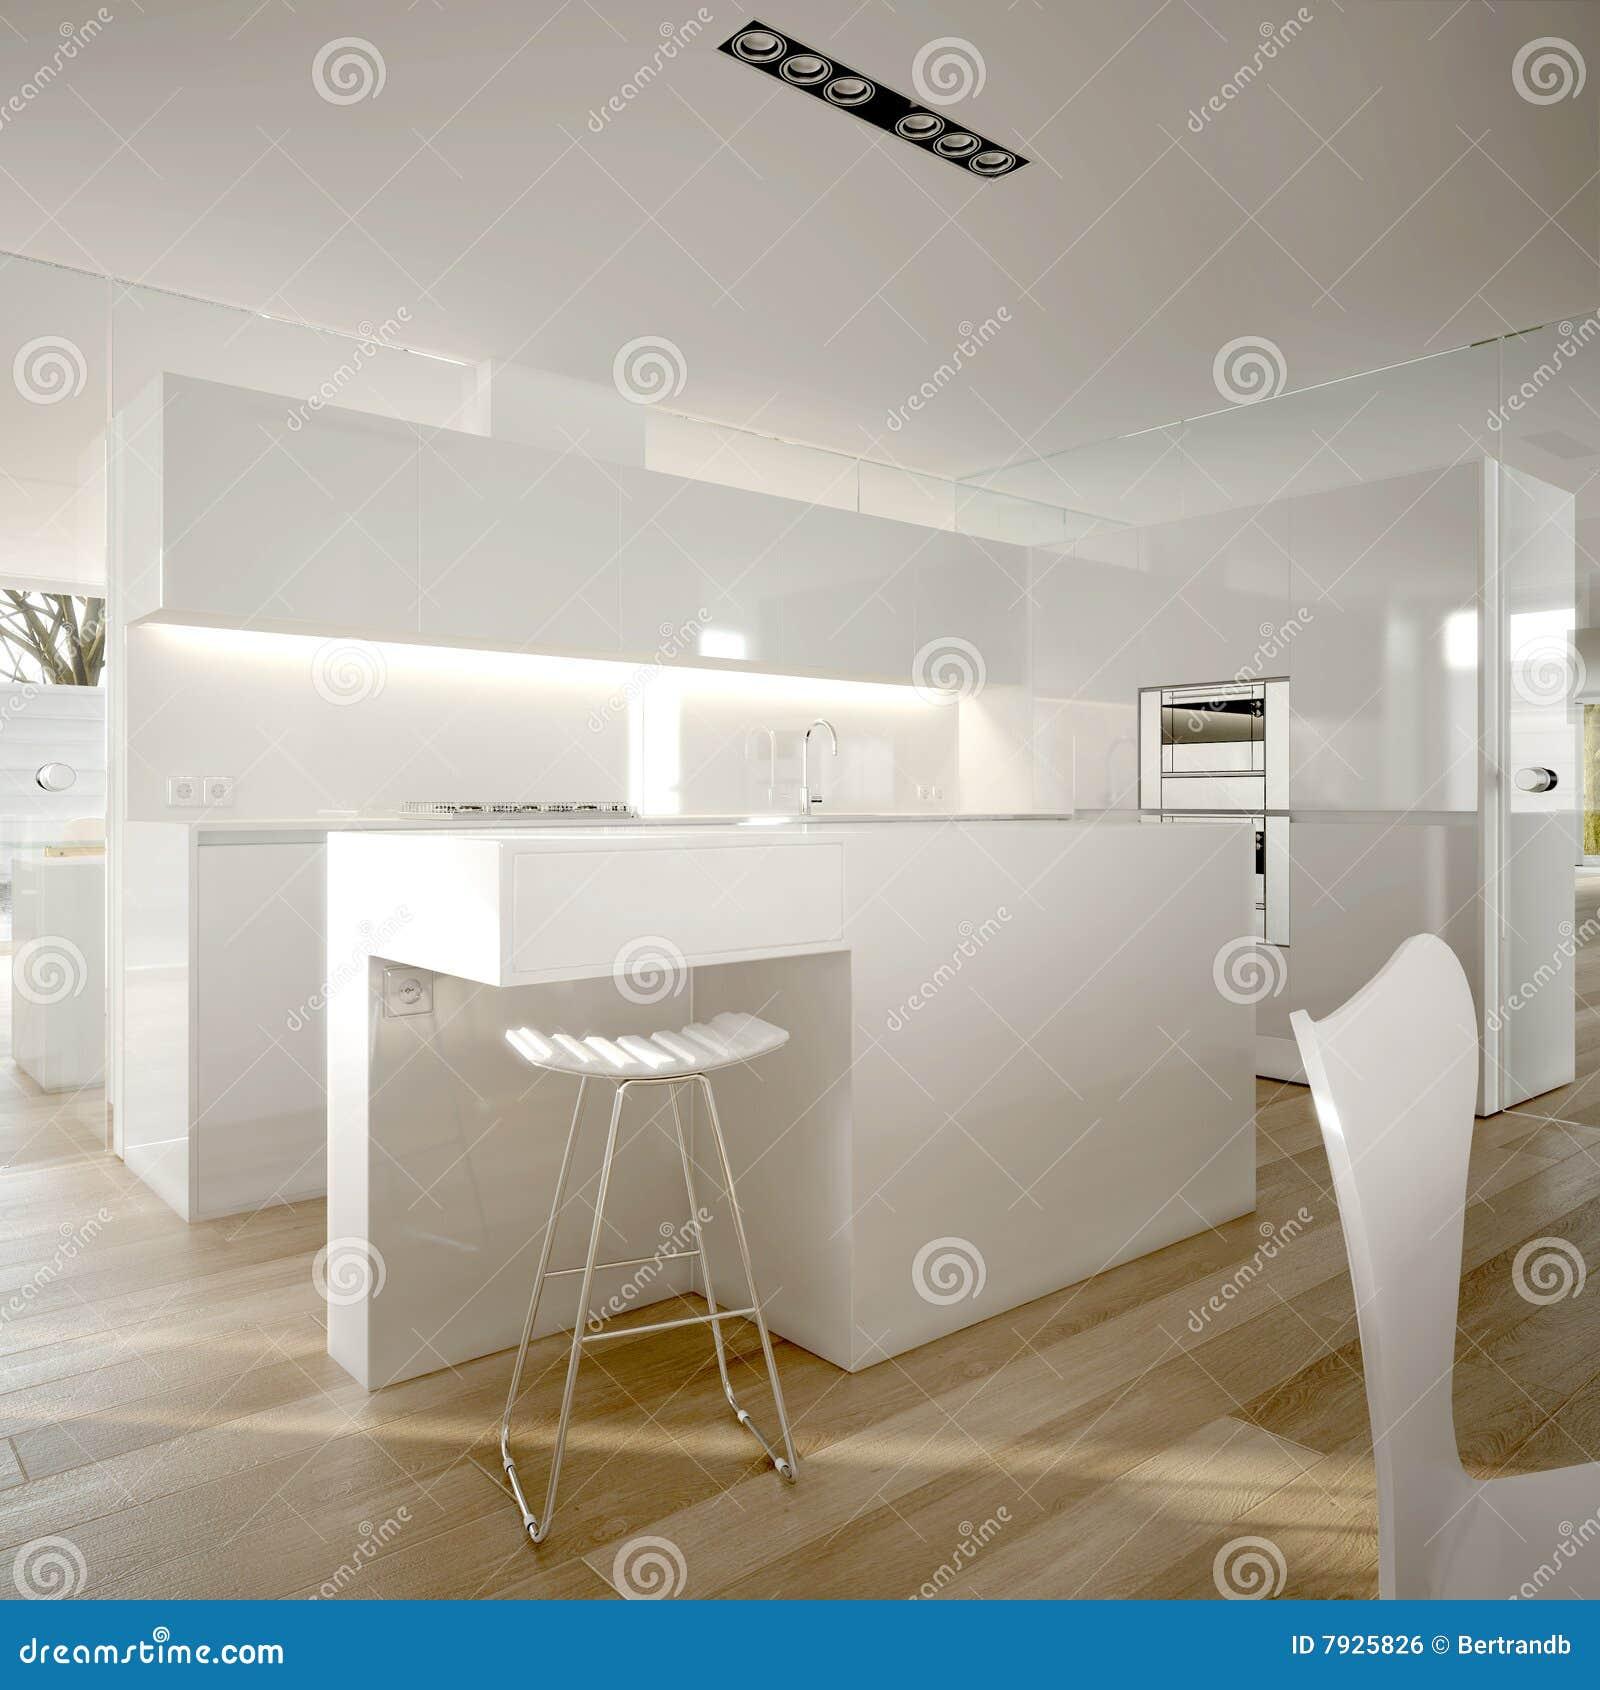 Riviera Maison Keuken Haak : Minimalistische Keuken : Witte Minimalistische Moderne Keuken Royalty